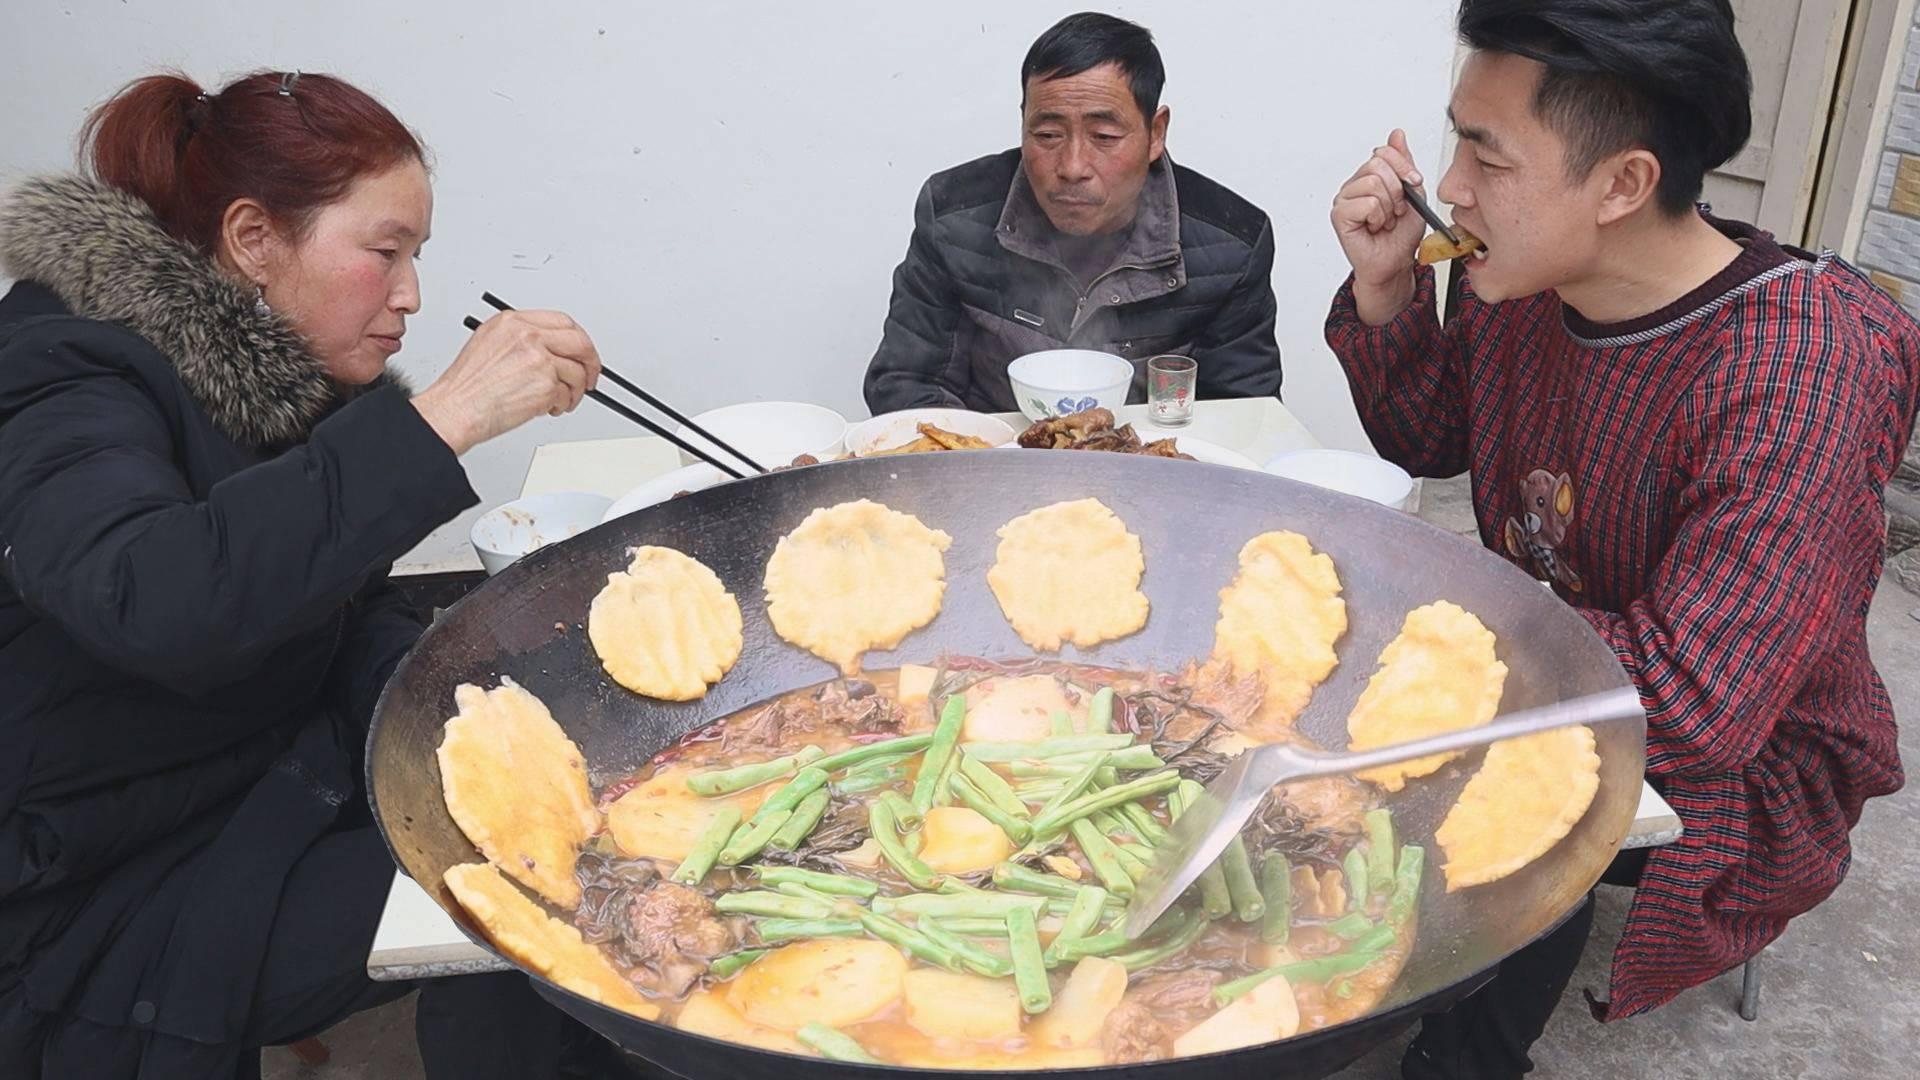 柴火鸡,4斤粮食鸡烧土豆、干豇豆,鸡肉烧得稀巴烂,越吃越爽